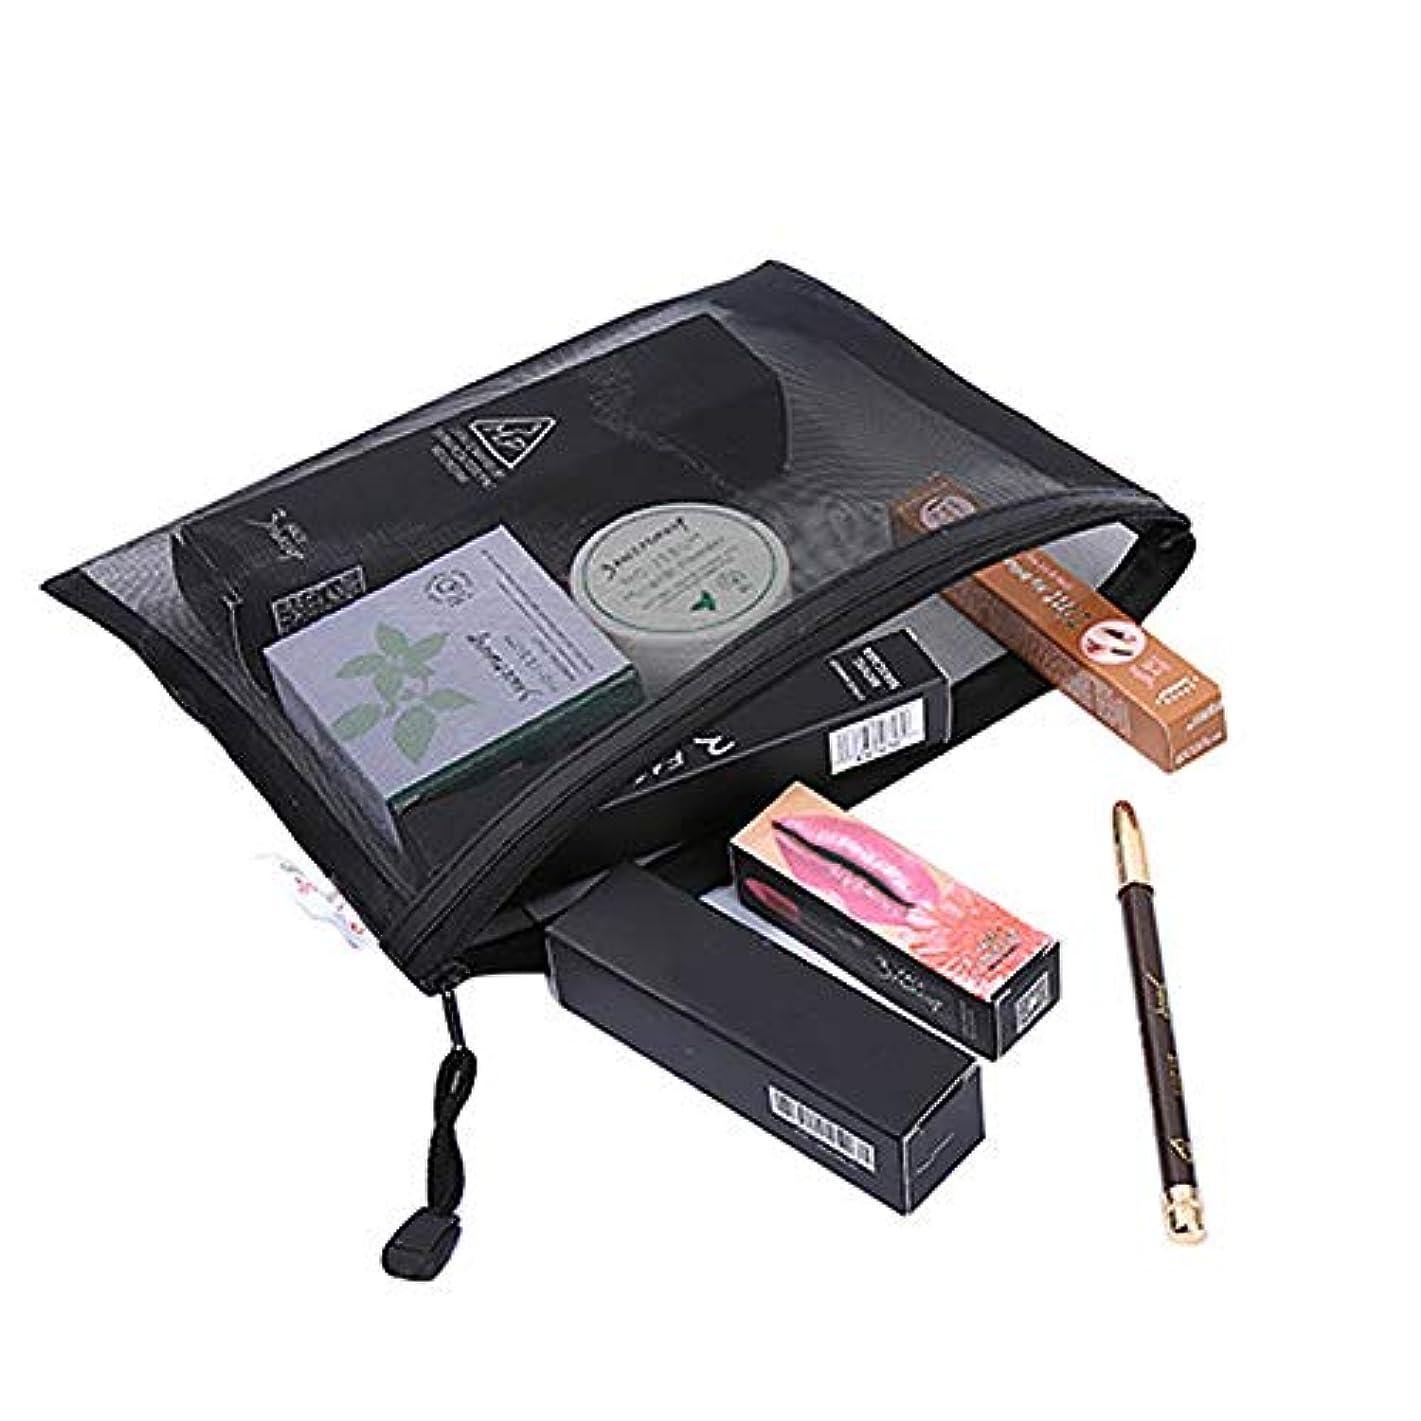 アジテーション切り離す進行中Beito 化粧ポーチ メイクポーチ ミニ 財布 機能的 大容量 化粧品収納 小物入れ 普段使い 出張 旅行 メイク ブラシ バッグ 化粧バッグ